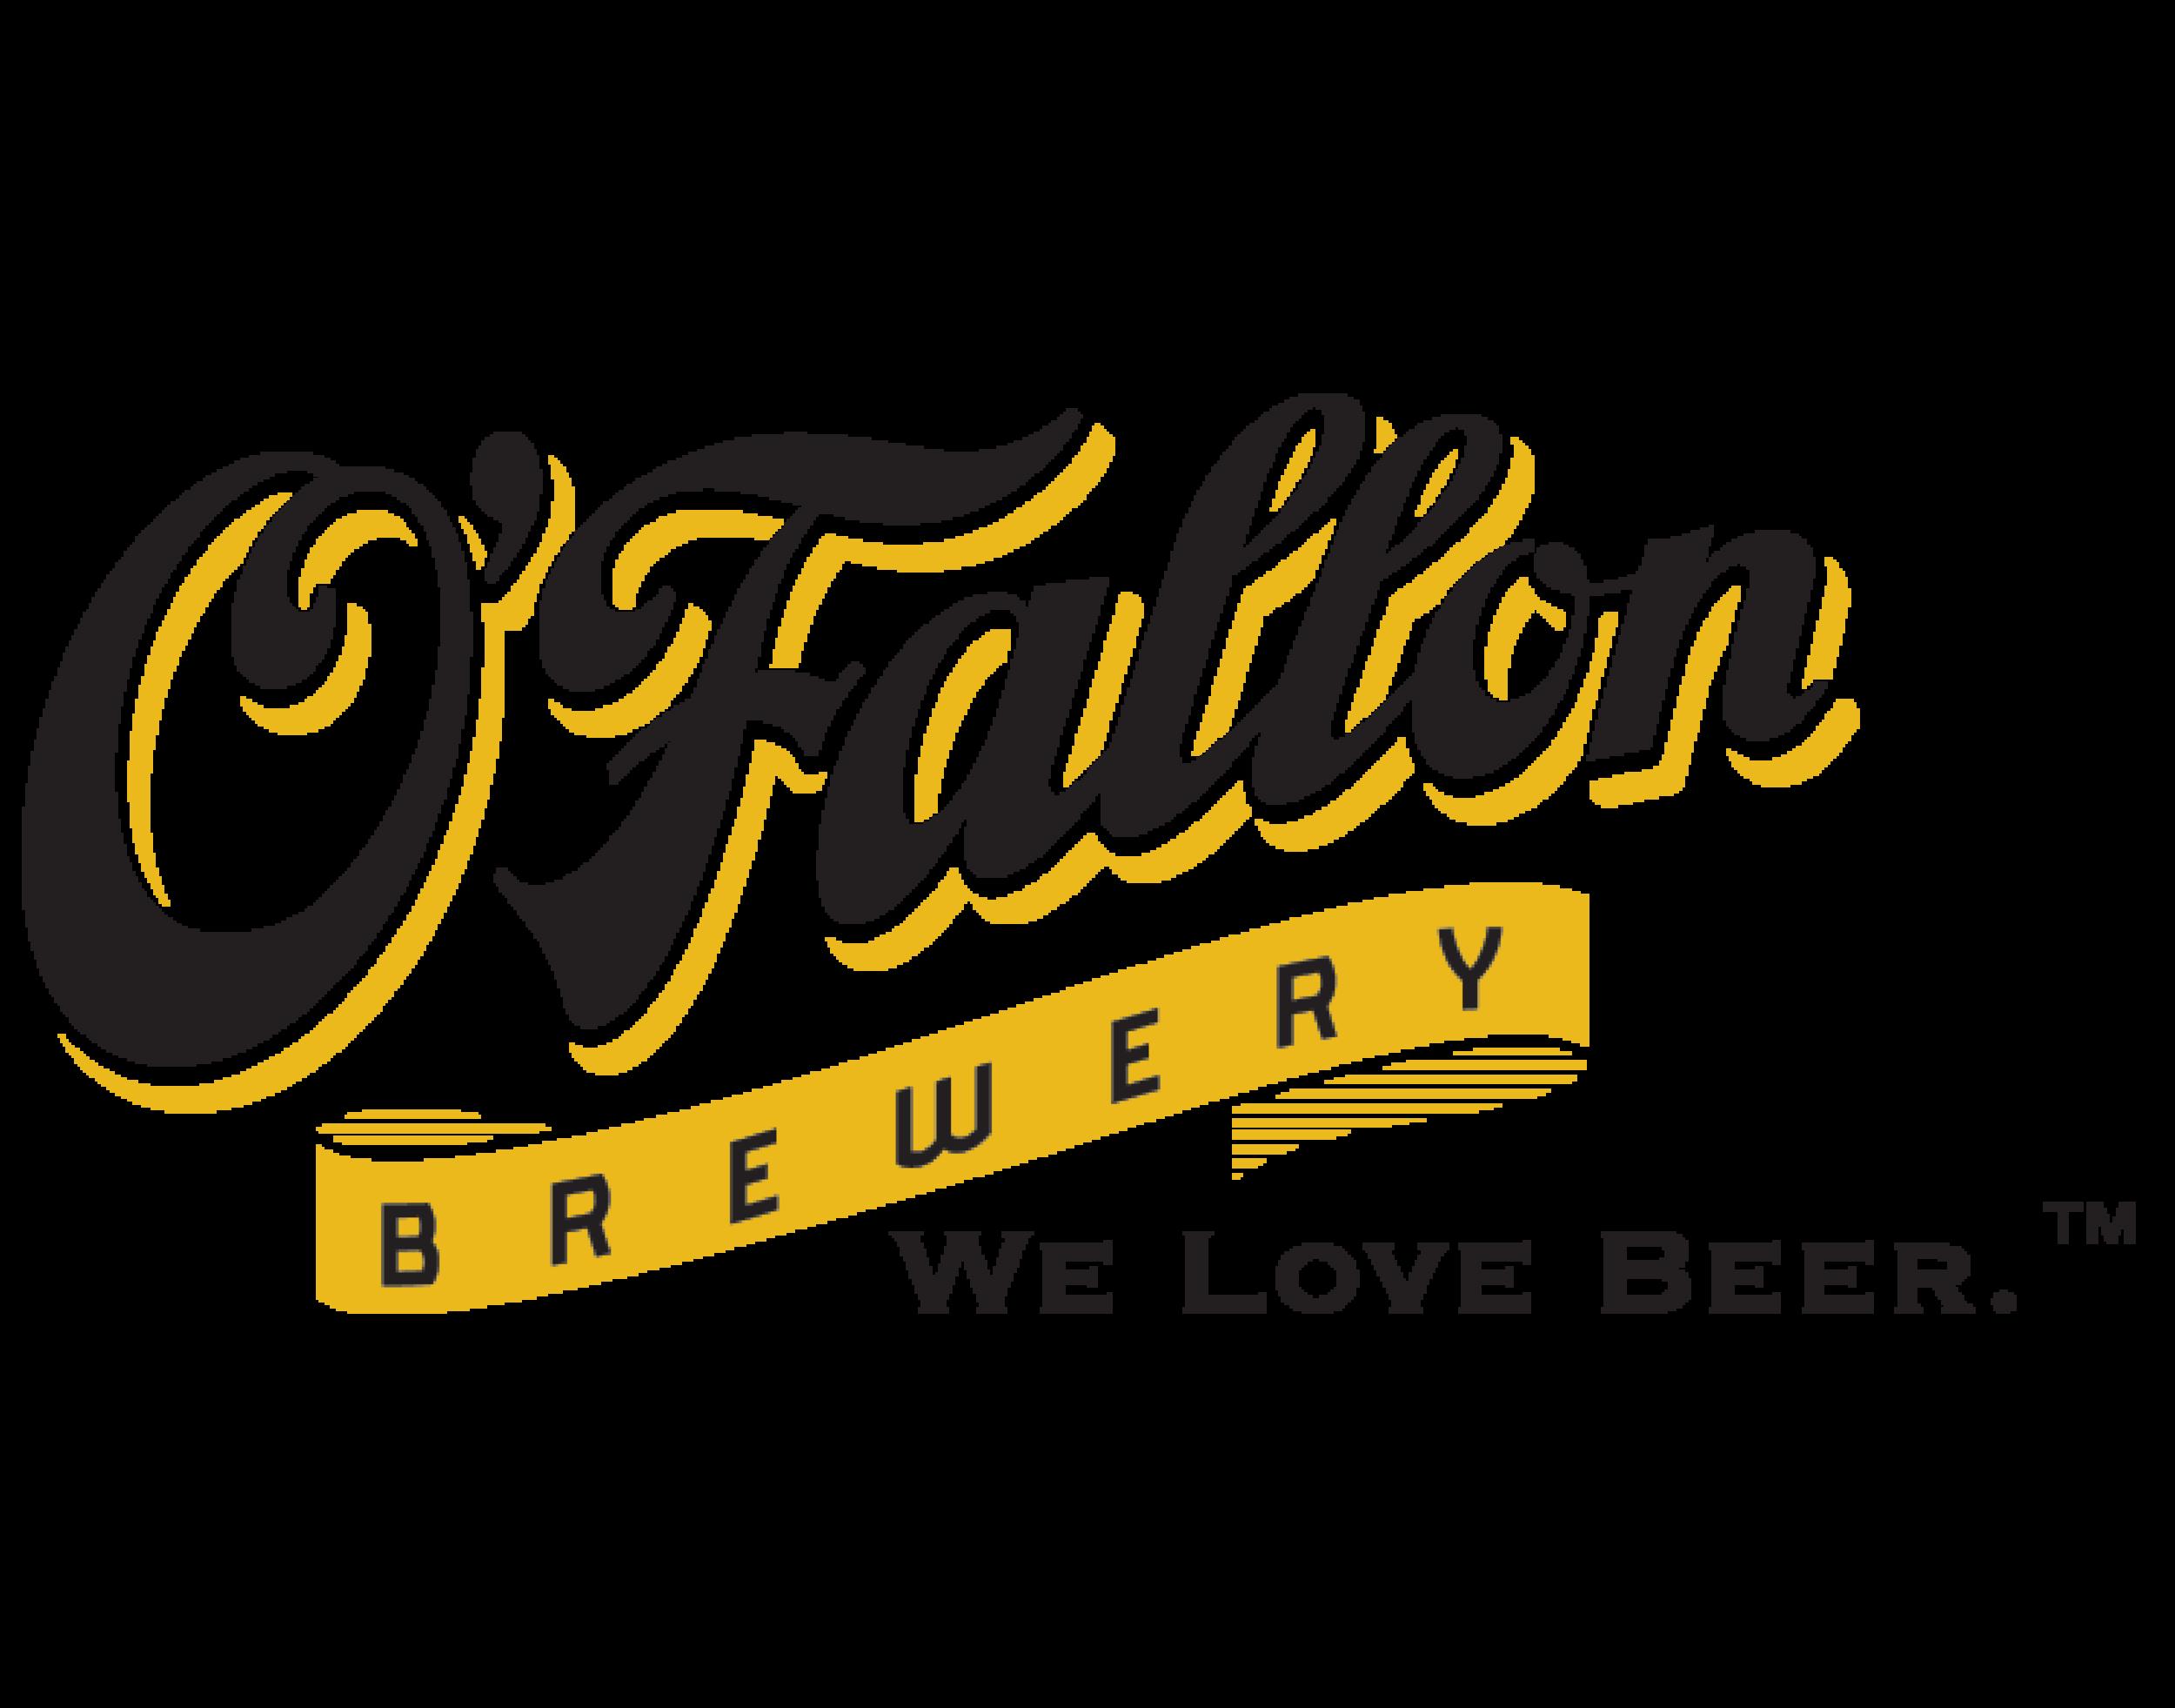 O'Fallon Brewery logo. Links to O'Fallon Brewery website.